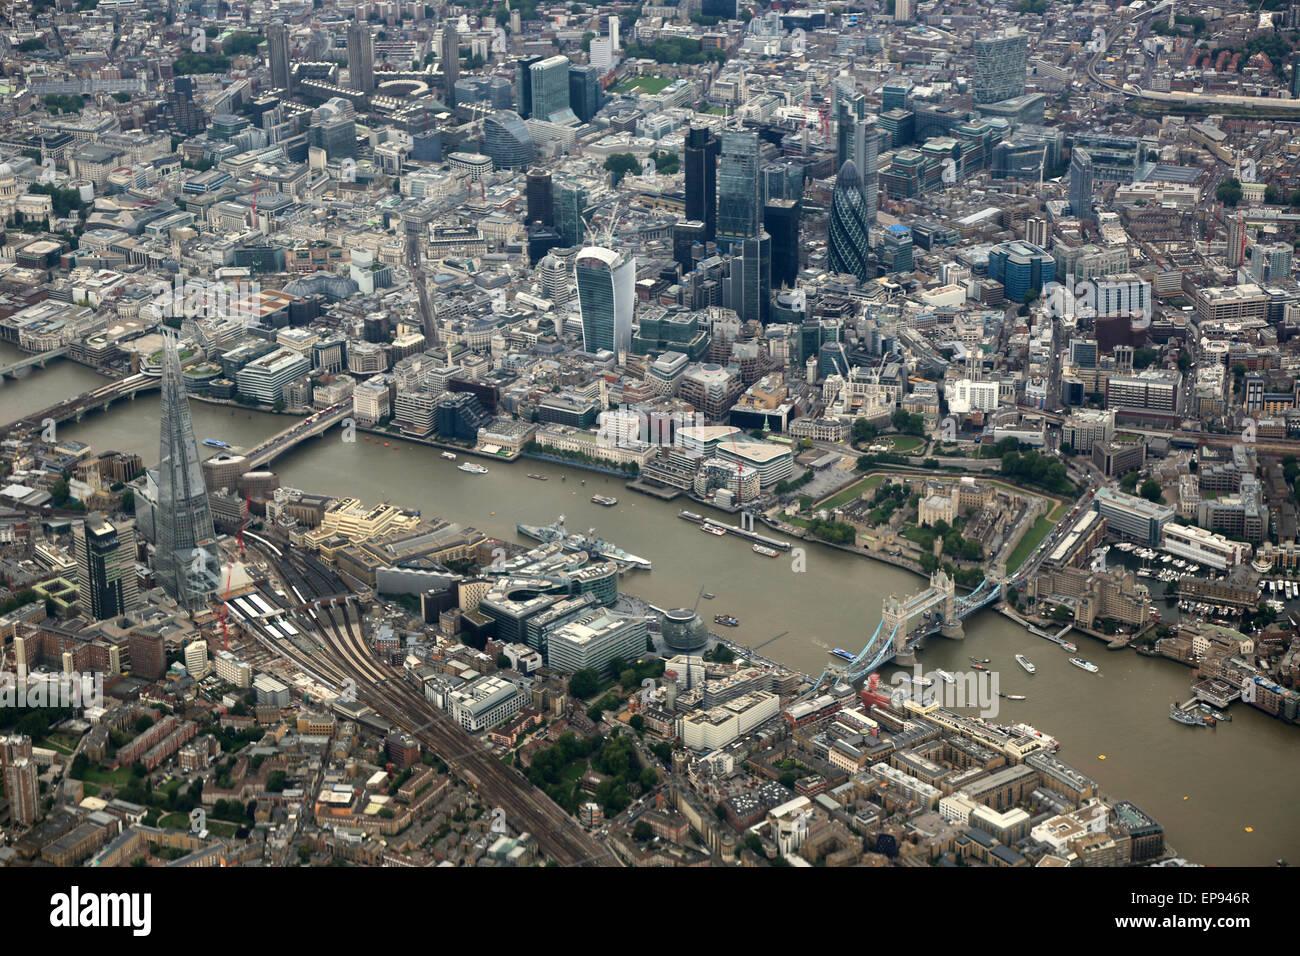 London von oben - Stock Image